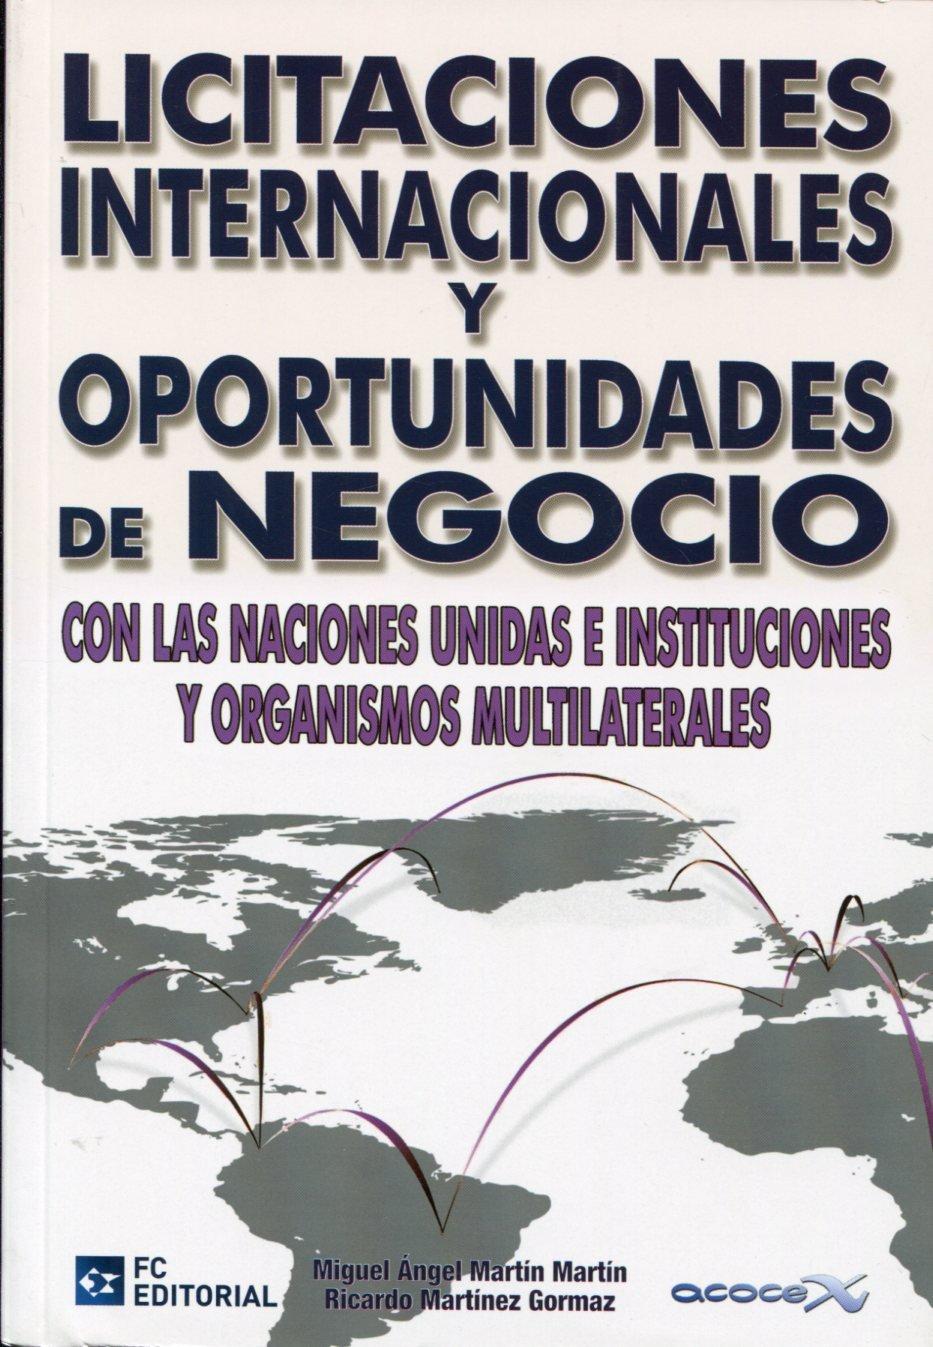 Download Licitaciones internacionales y oportunidades de negocio con las Naciones Unidas e instituciones y organismos multilaterales pdf